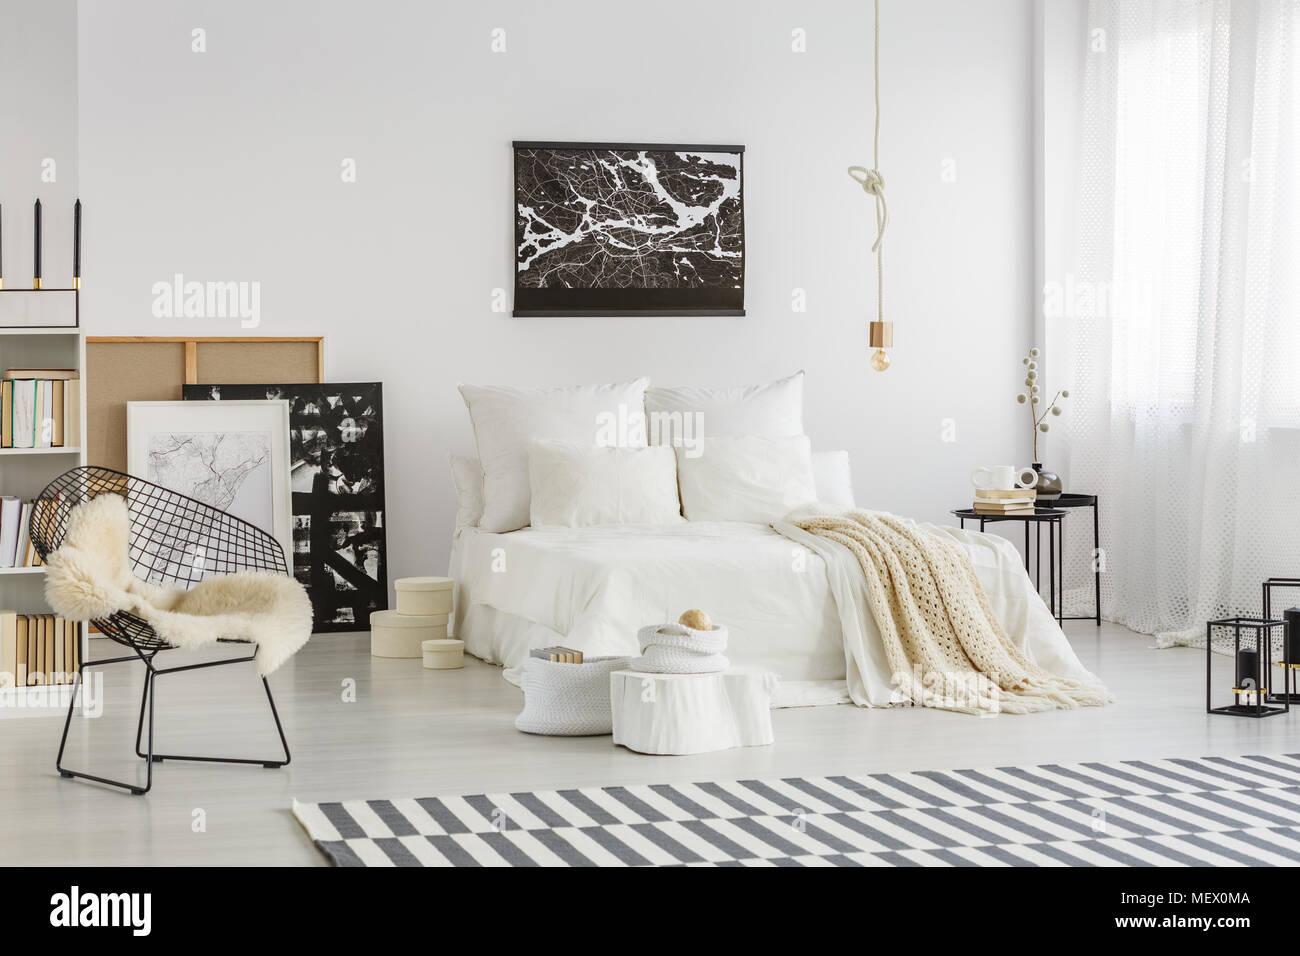 Camera Da Letto Bianca E Nera camera da letto spaziosa con interni beige coperta su un